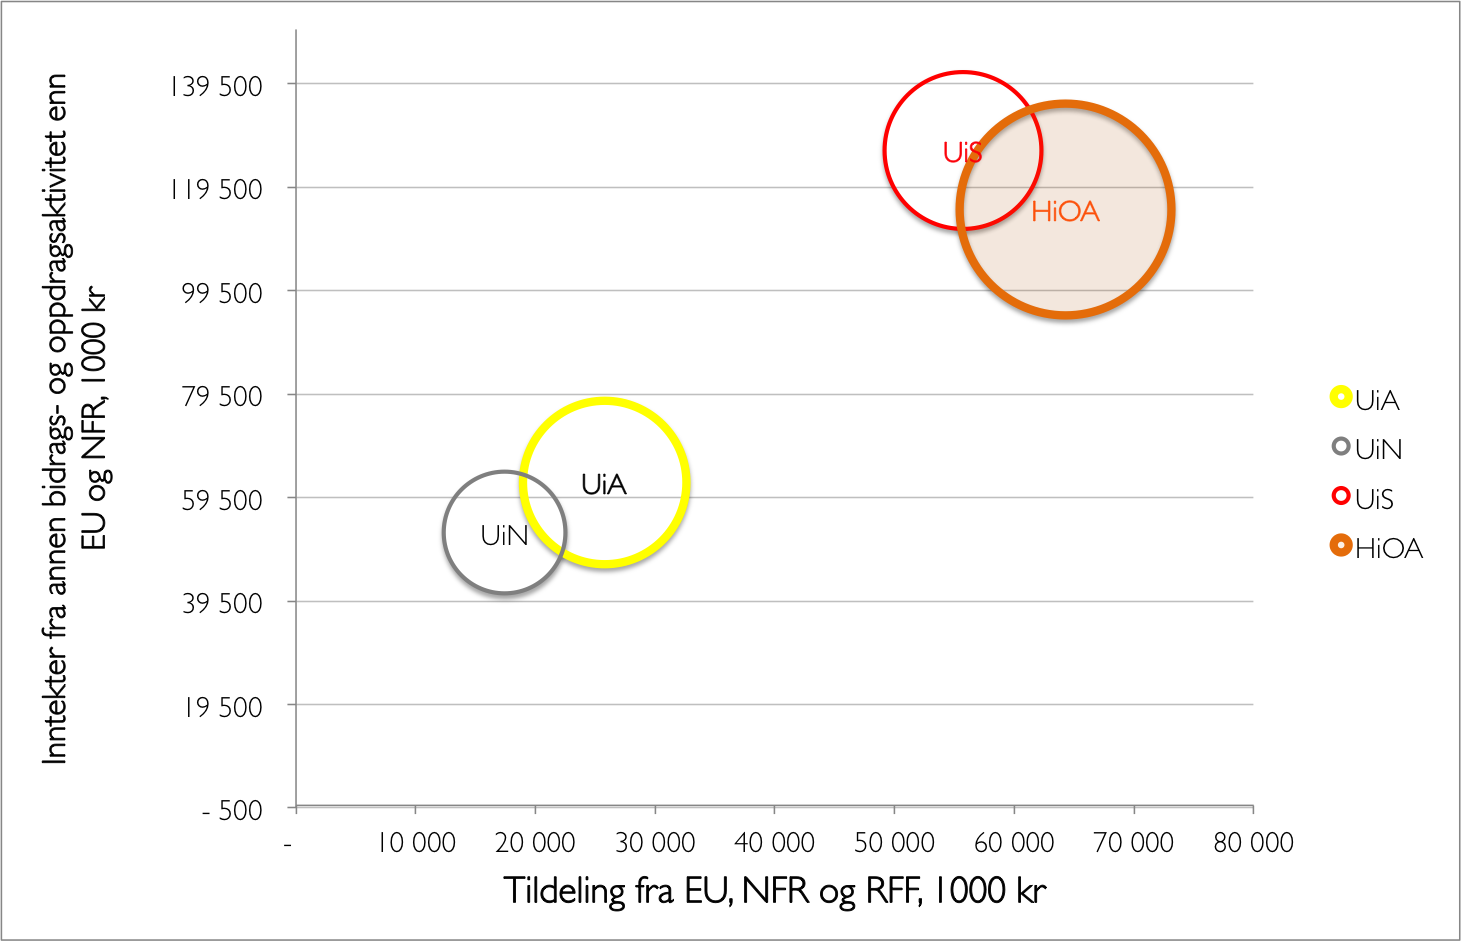 Tildeling fra EU og NFR VS annen BOA, utvalg, ikke zoom